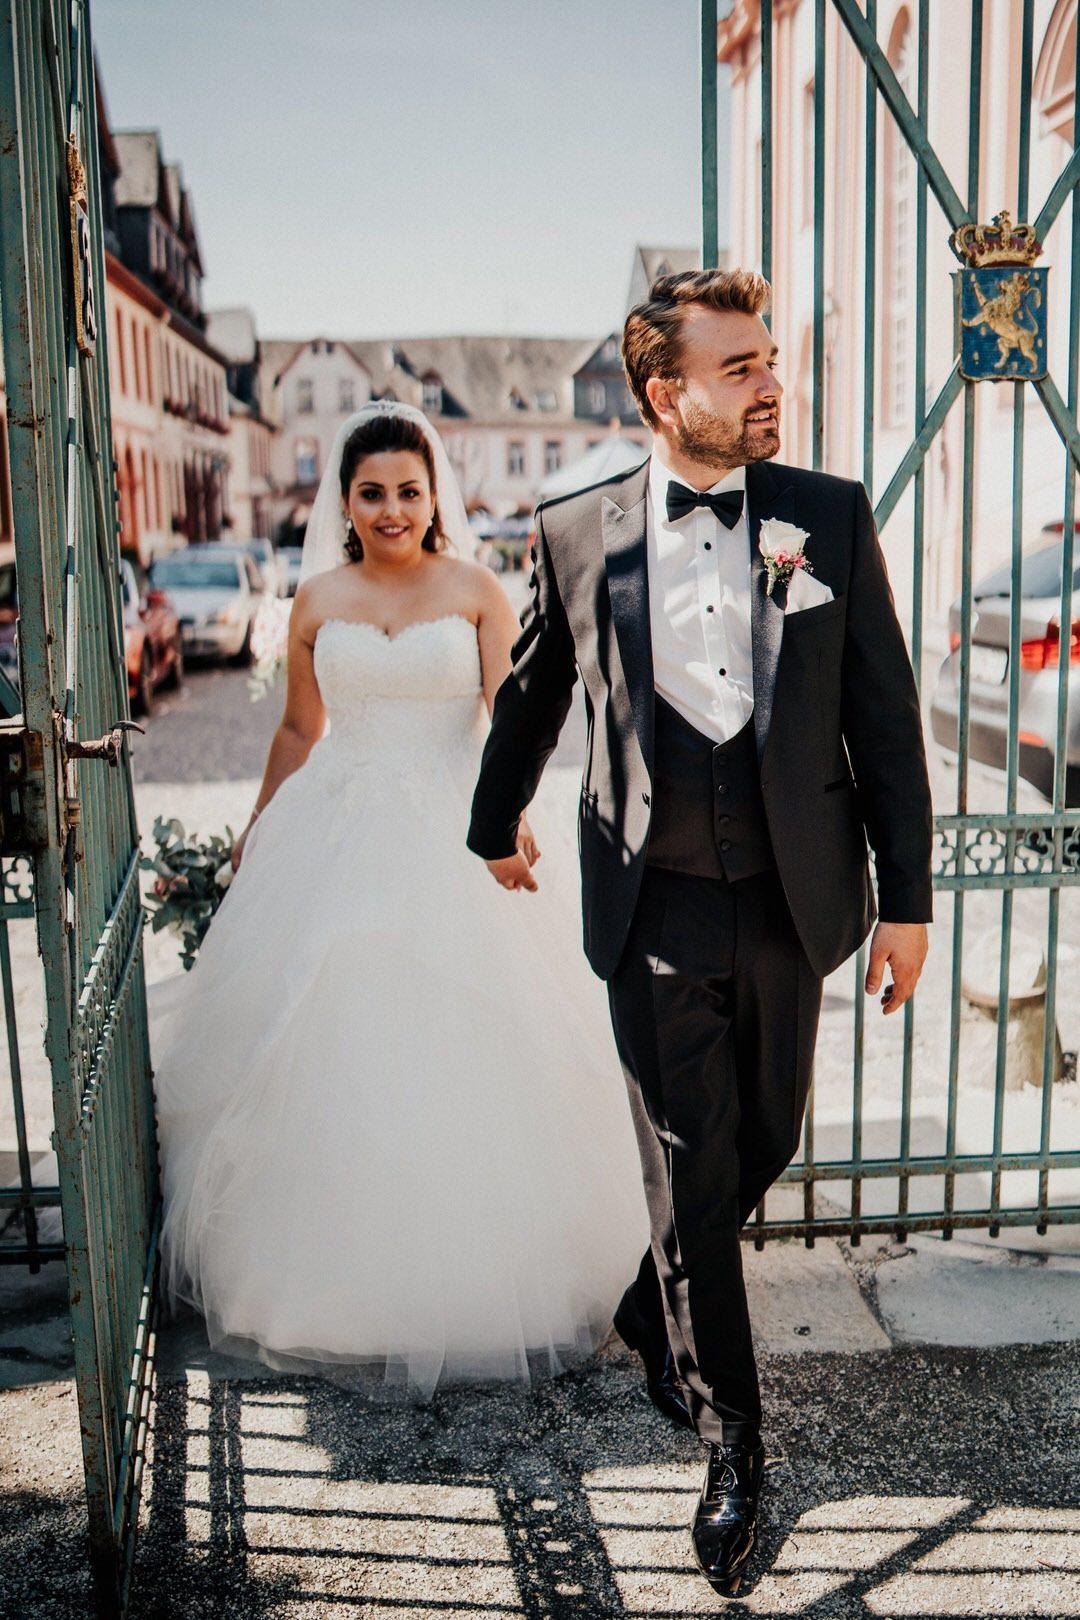 Hochzeitsshooting des italienisch-deutschen Brautpaars in der Barocken Schlossanlage des Schlossgarten in Weilburg im Taunus